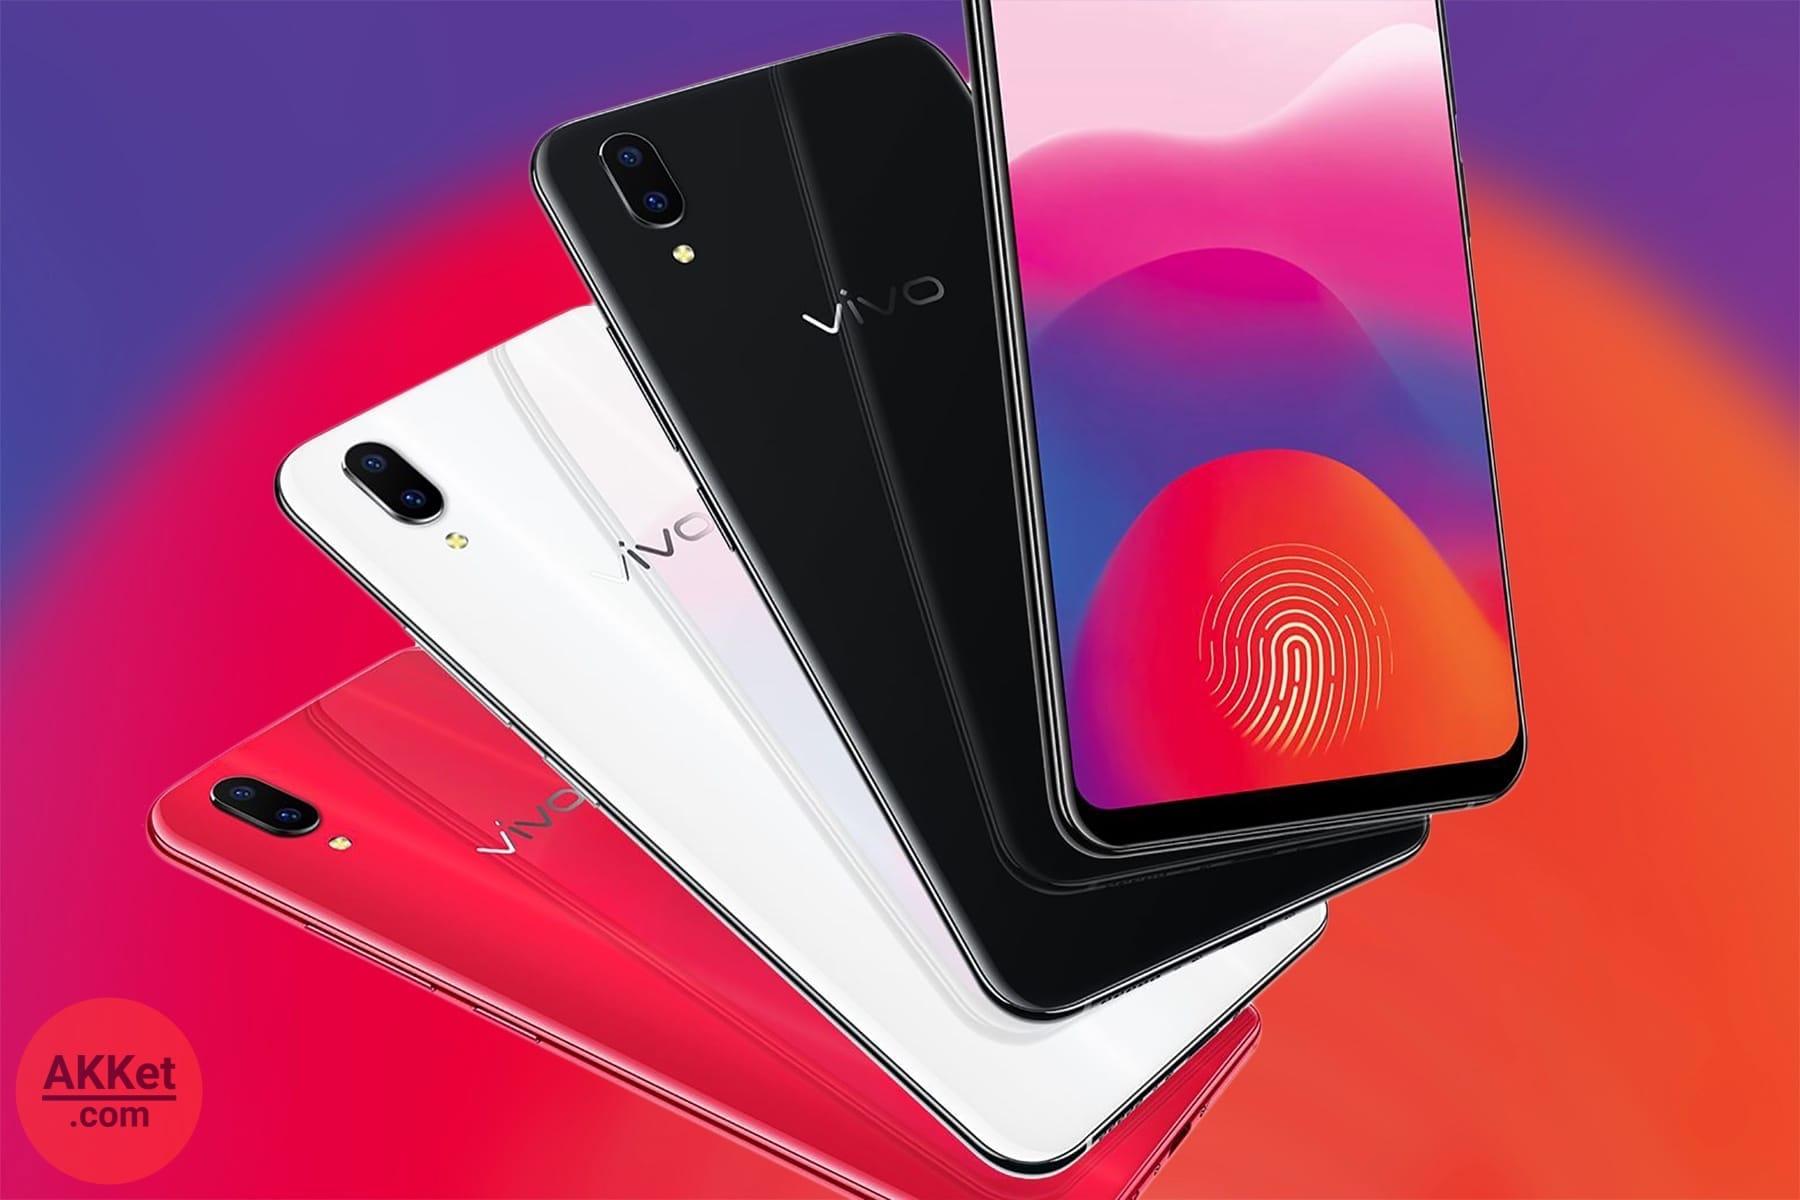 В КНР начались продажи телефона Vivo сосканером отпечатков пальцев вэкране